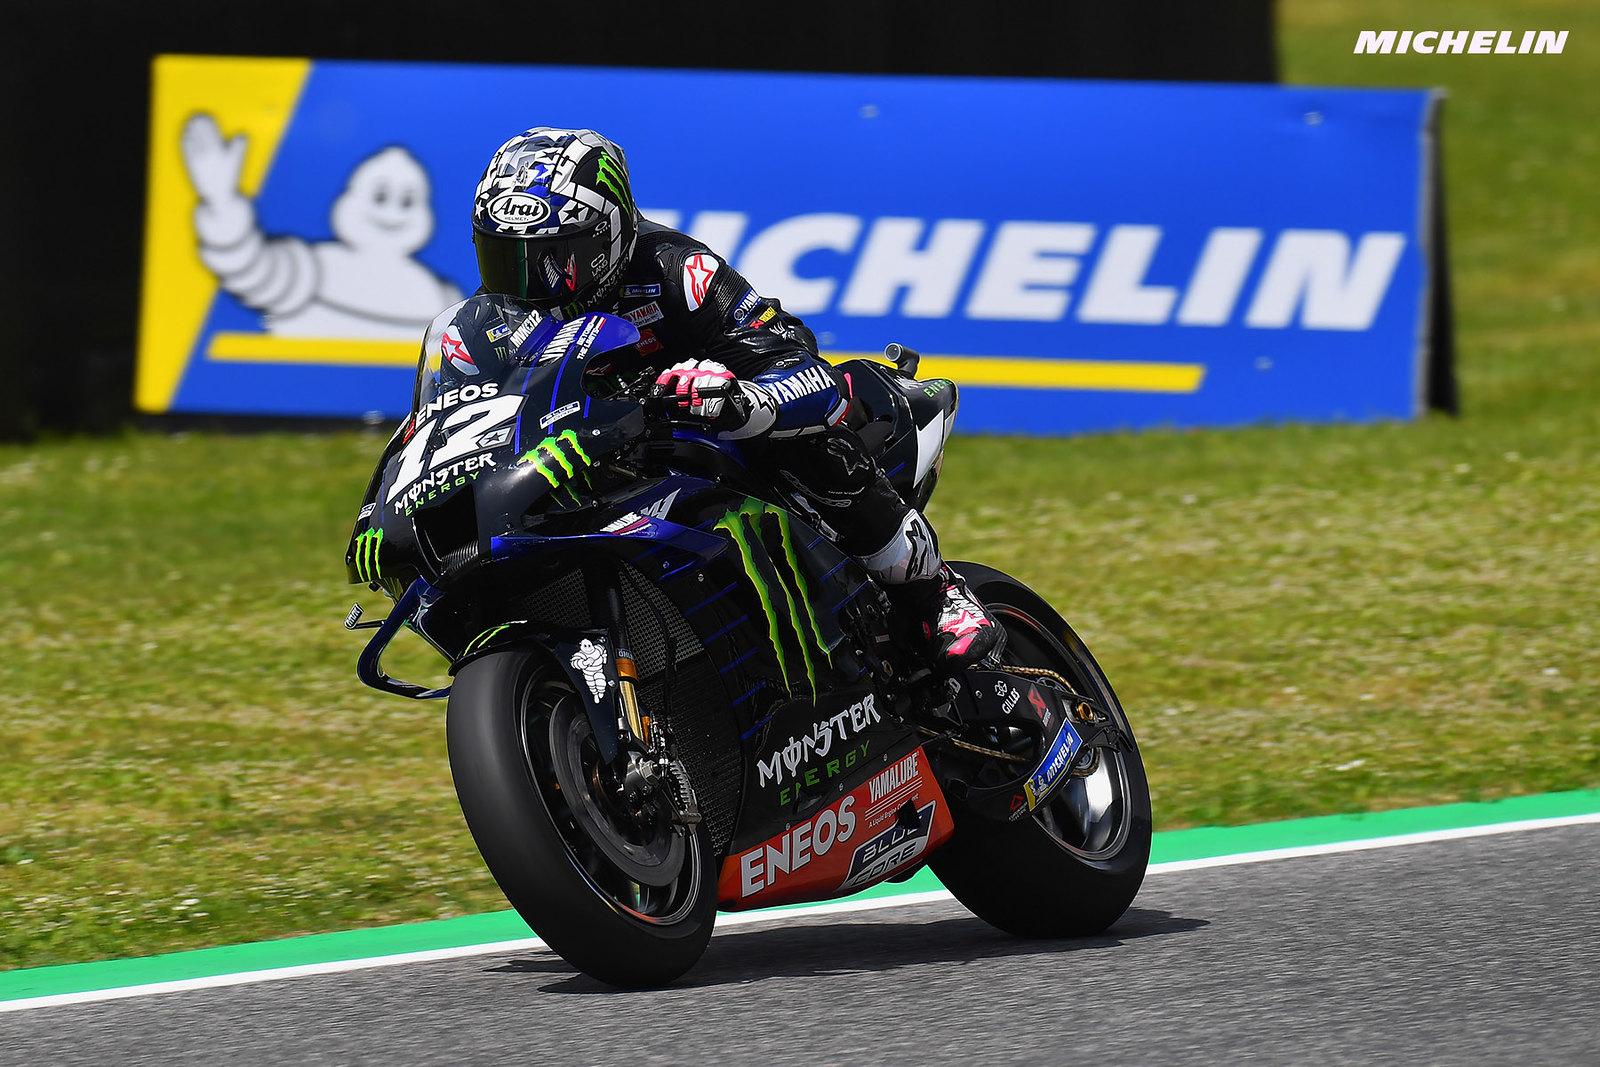 MotoGP2021イタリアGP 予選13位マーべリック・ビニャーレス「再びバイクを良い形に仕上げていきたい」